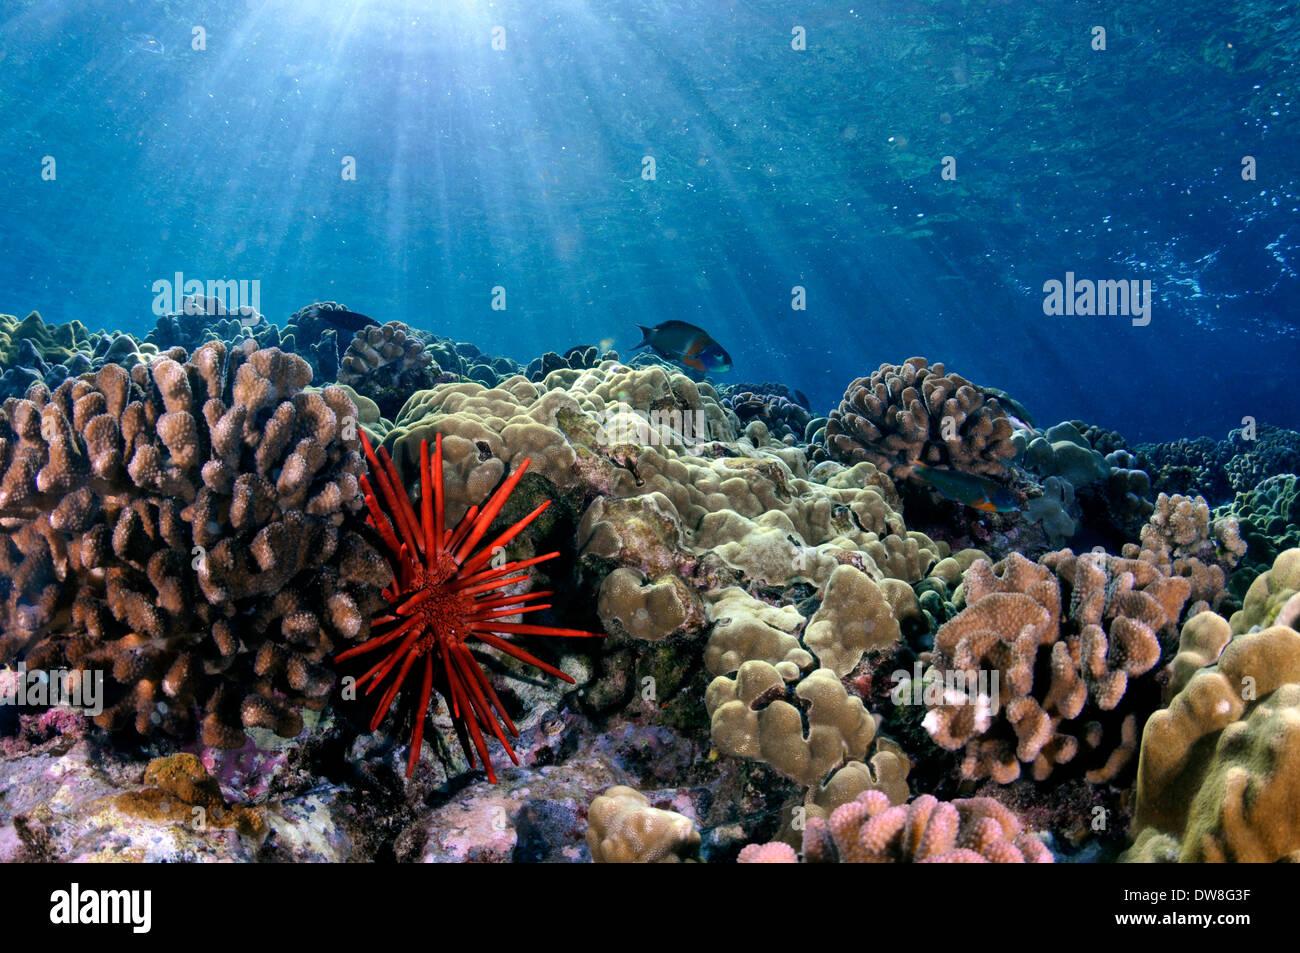 Una sana barriera corallina con un rosso matite di ardesia urchin, Heterocentrotus mamillatus, Molokini, Maui, Hawaii, STATI UNITI D'AMERICA Immagini Stock